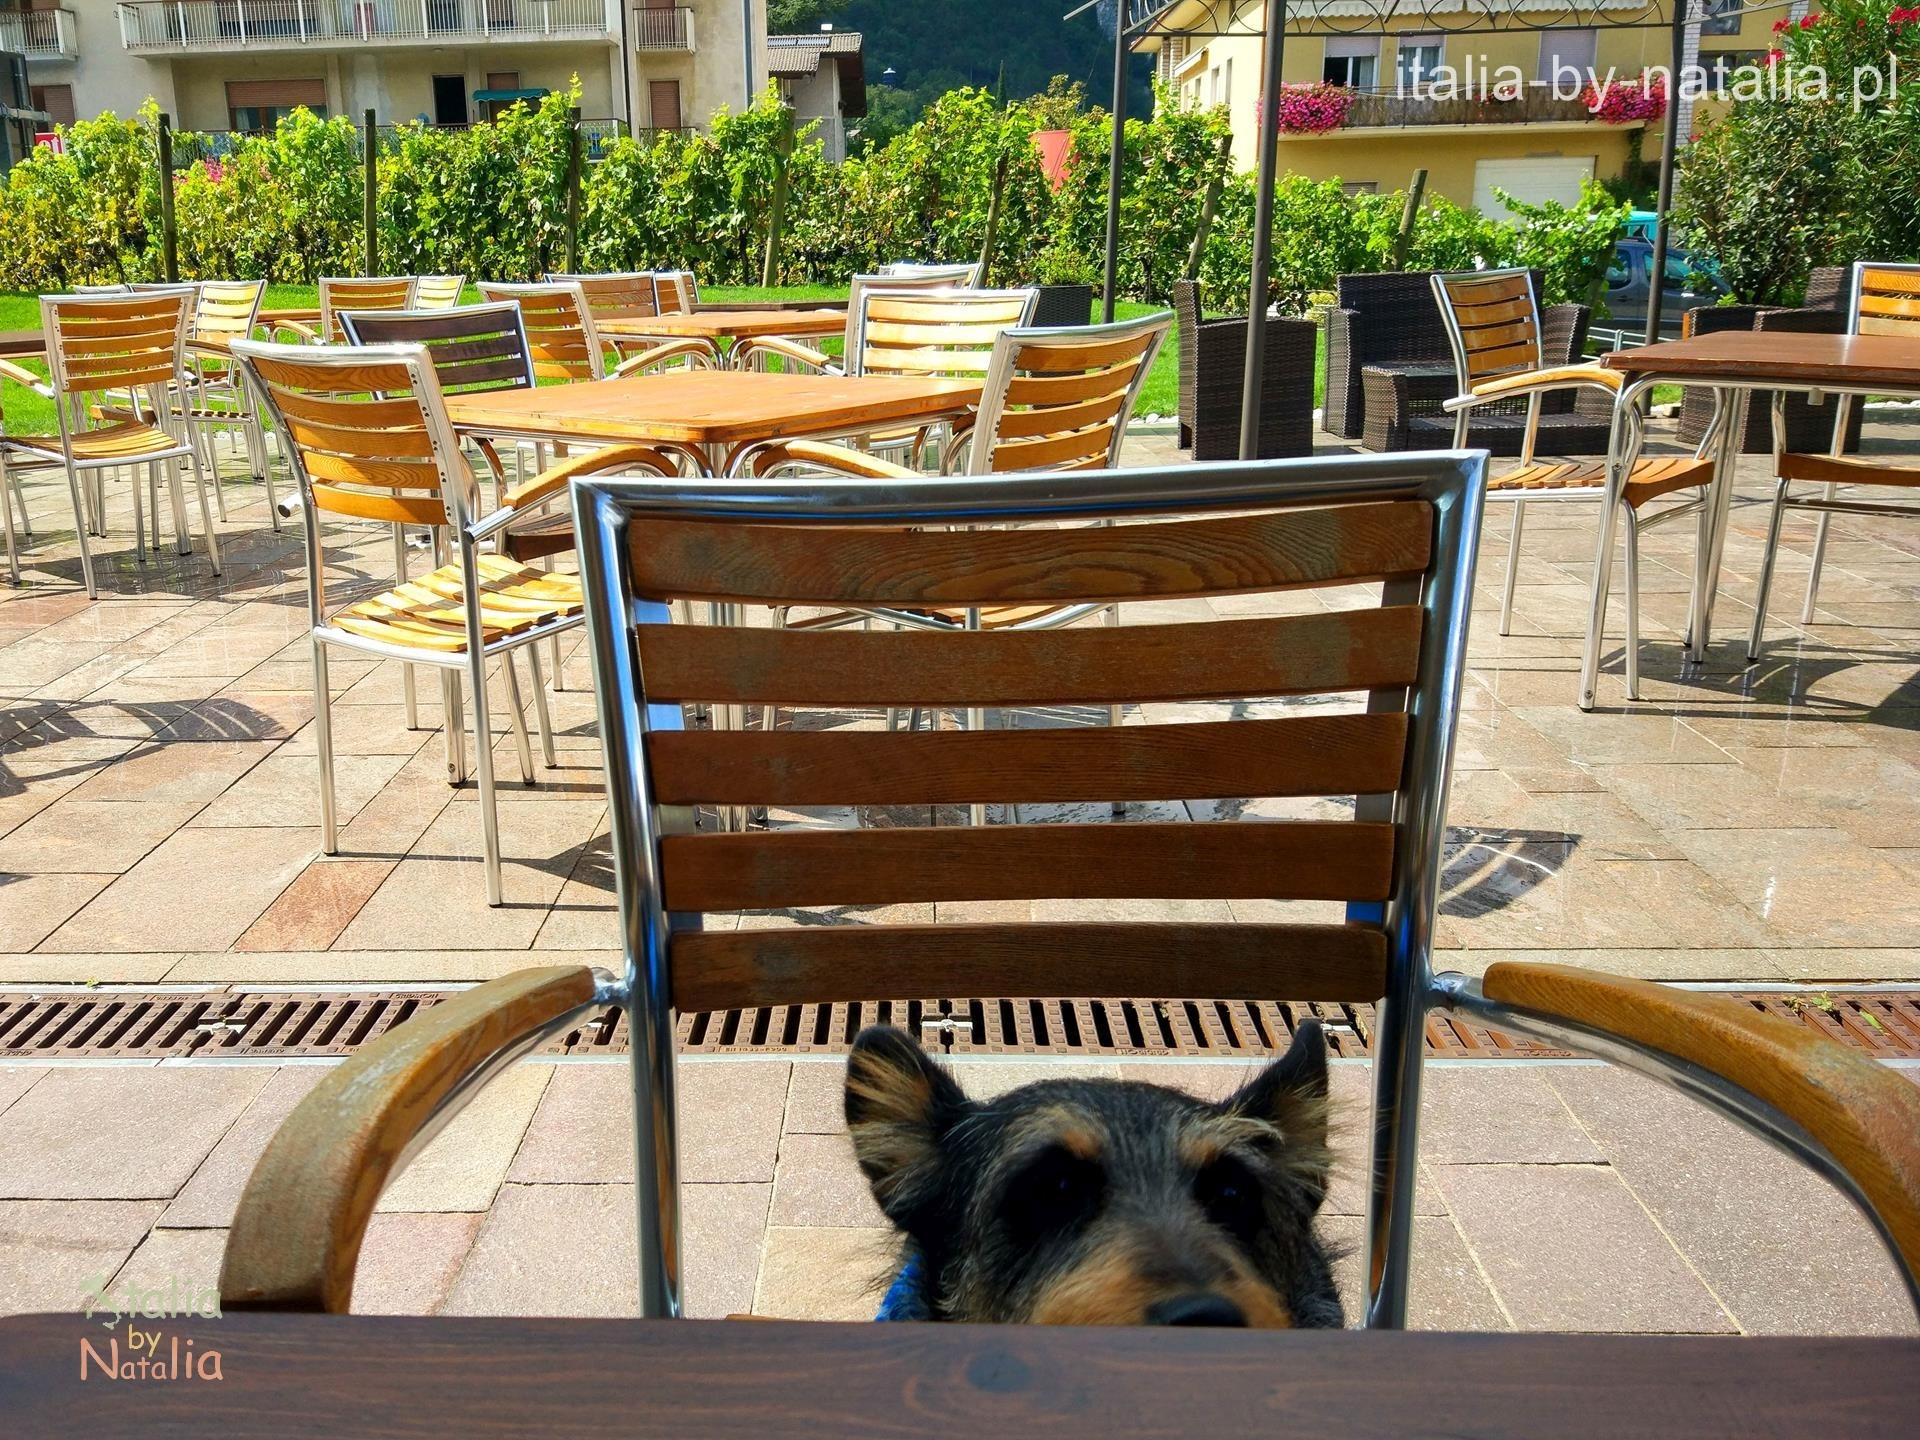 Cantina Hosteria Toblino gdzie zjeść nad Jeziorem Garda